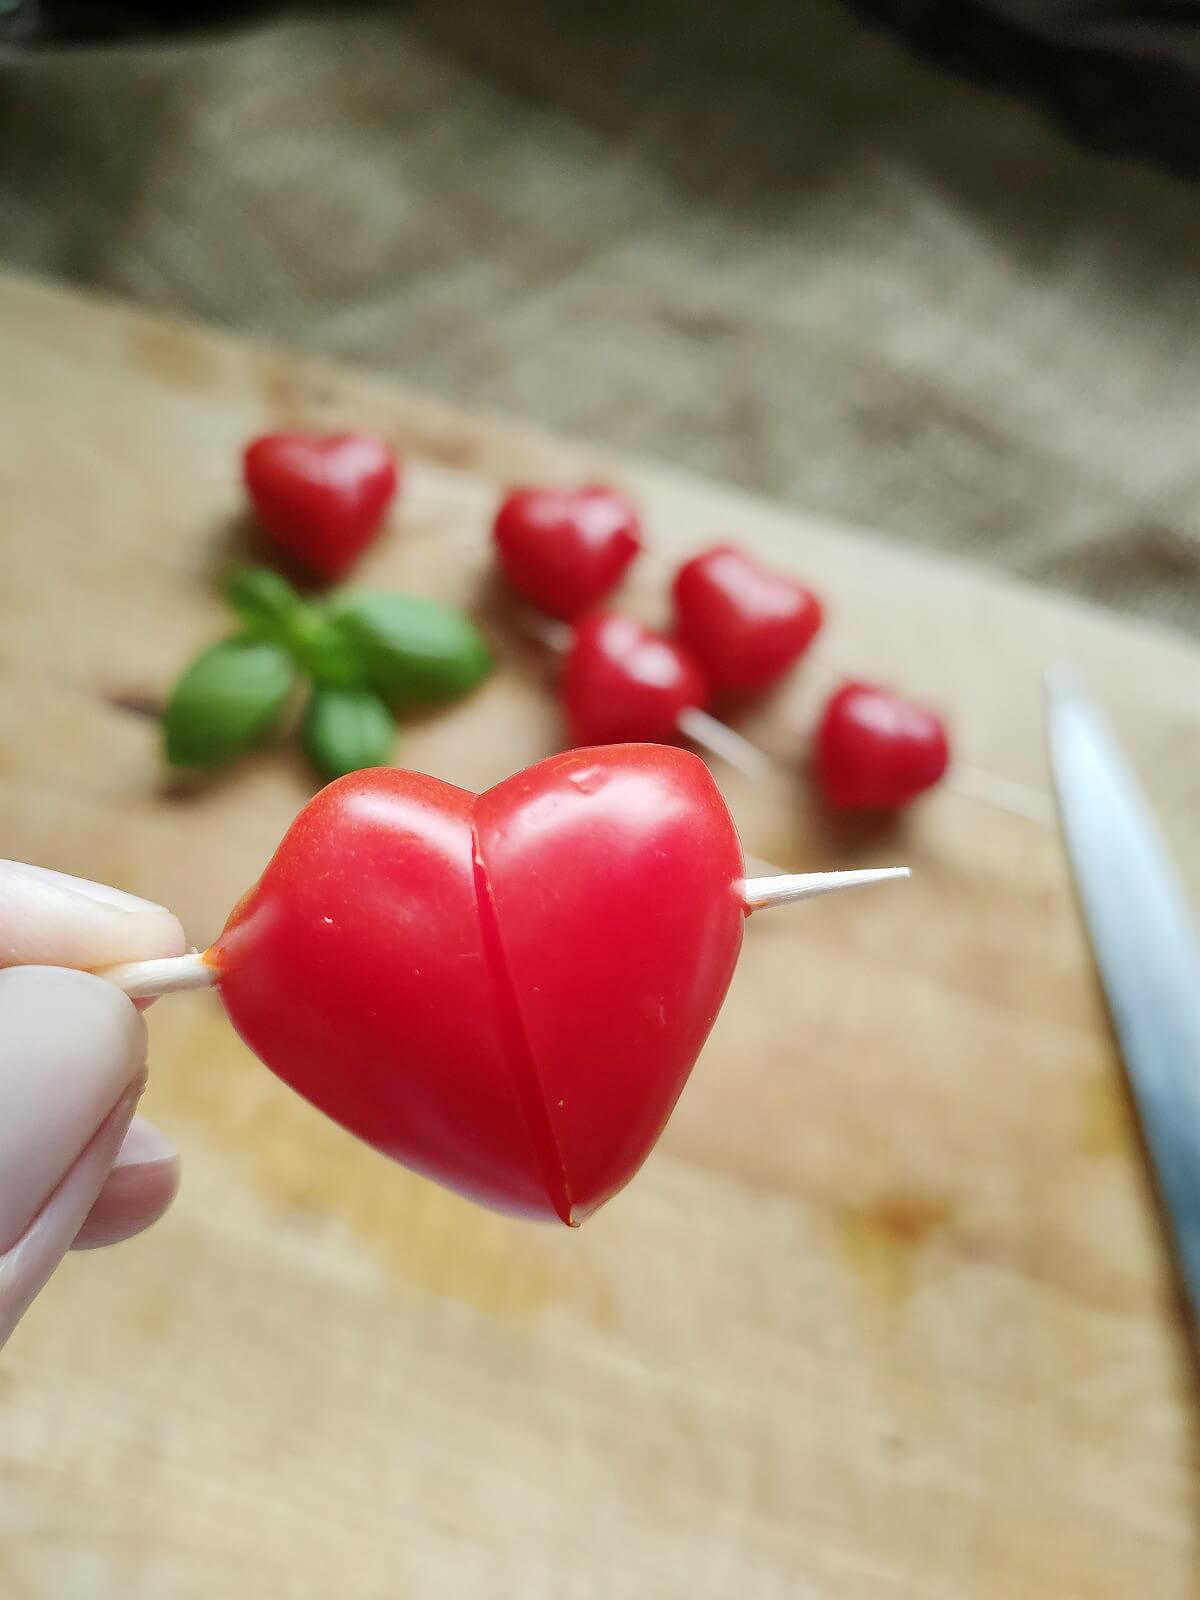 Essen für Kindergeburtstag oder Brotbox Bento: Tomaten Herzen